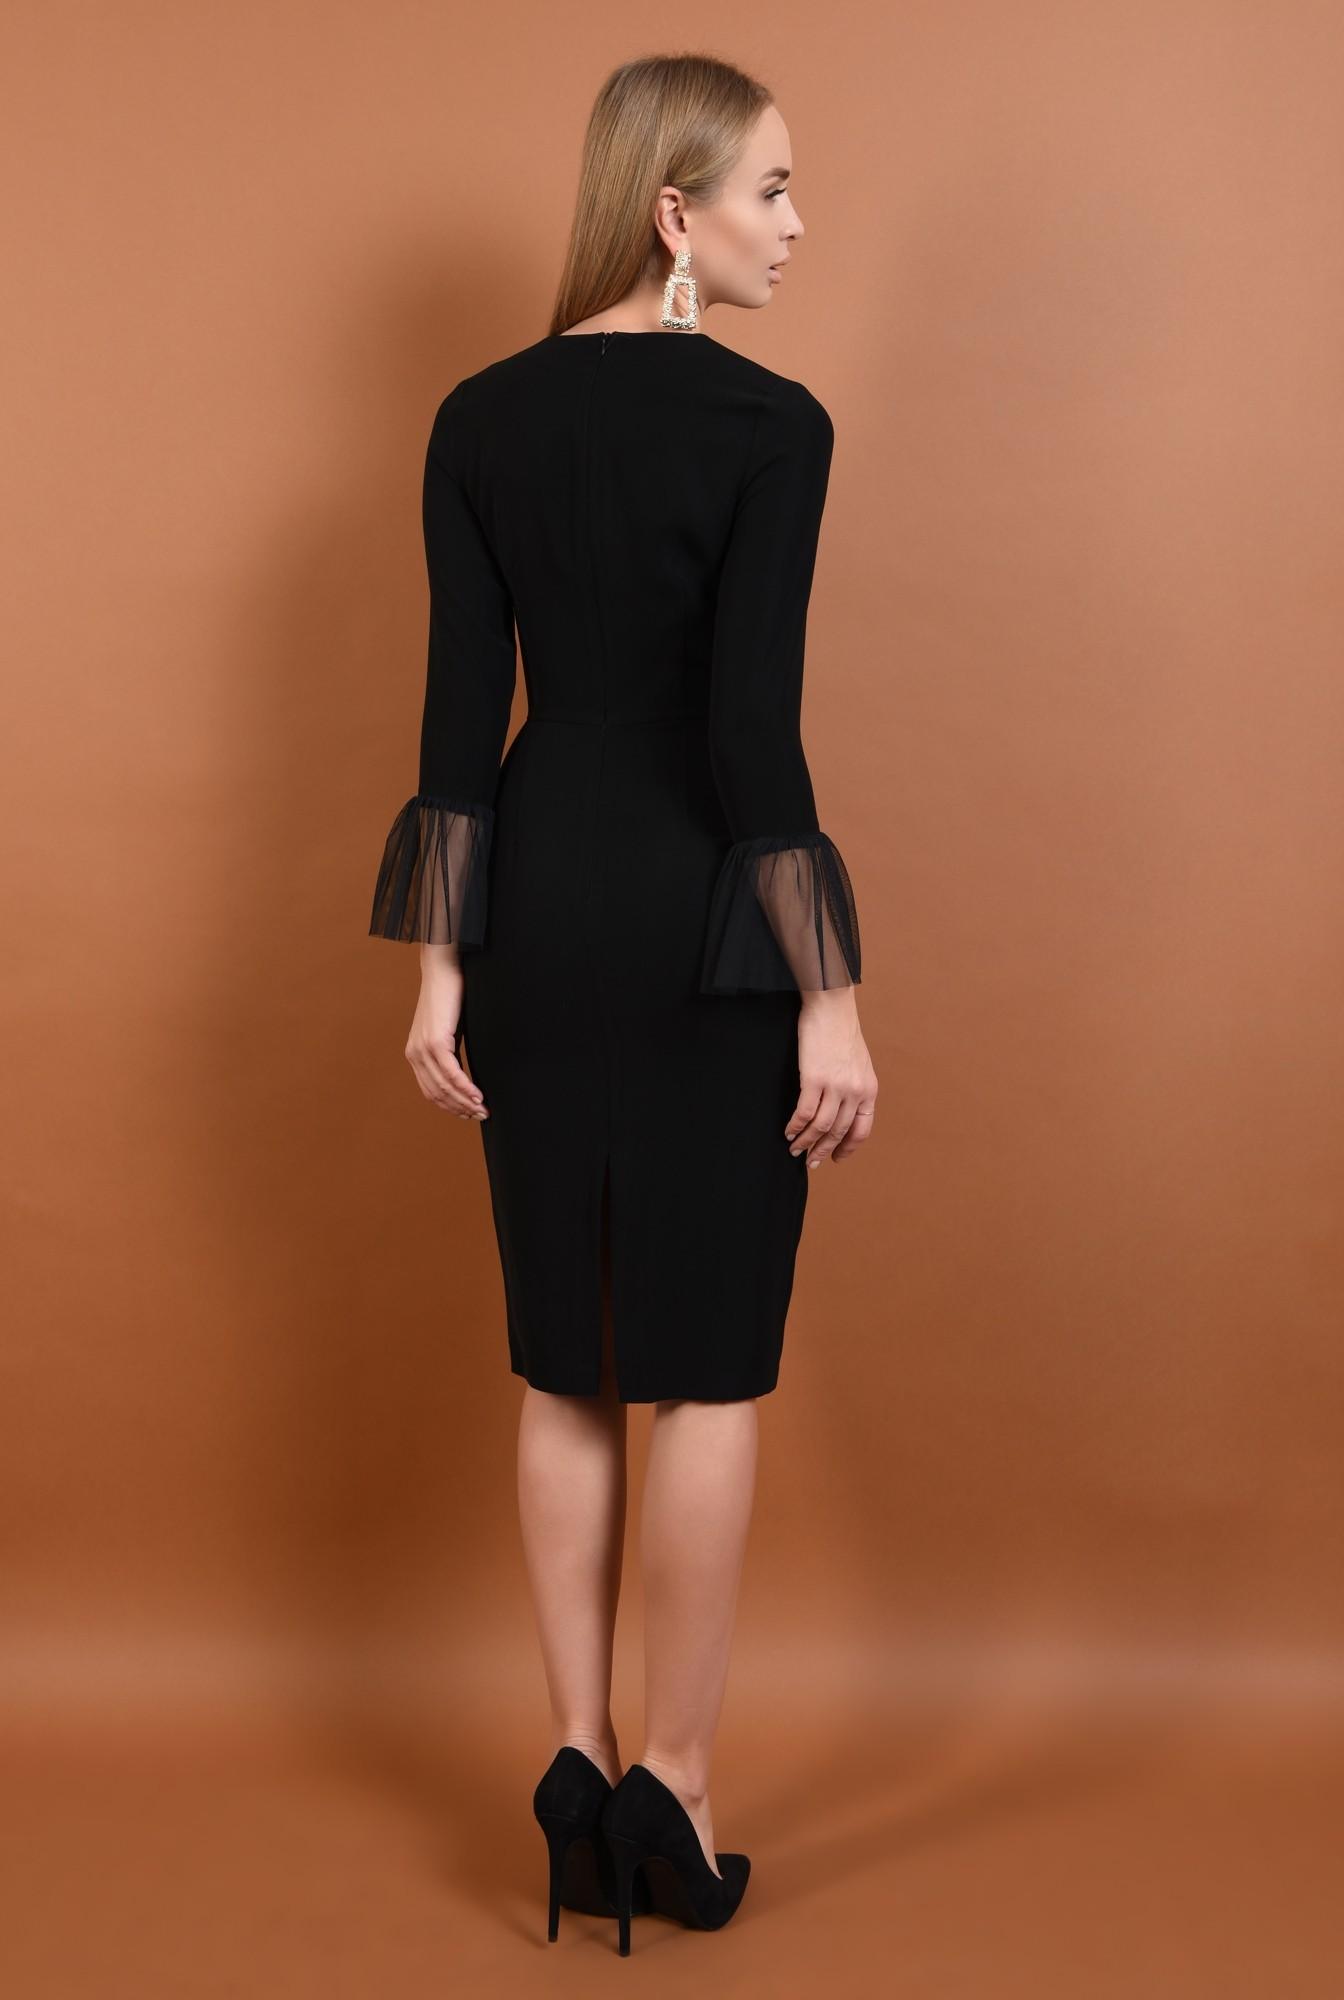 1 - 360 - rochie eleganta, bodycon, mansete transparente, rochii online, tul